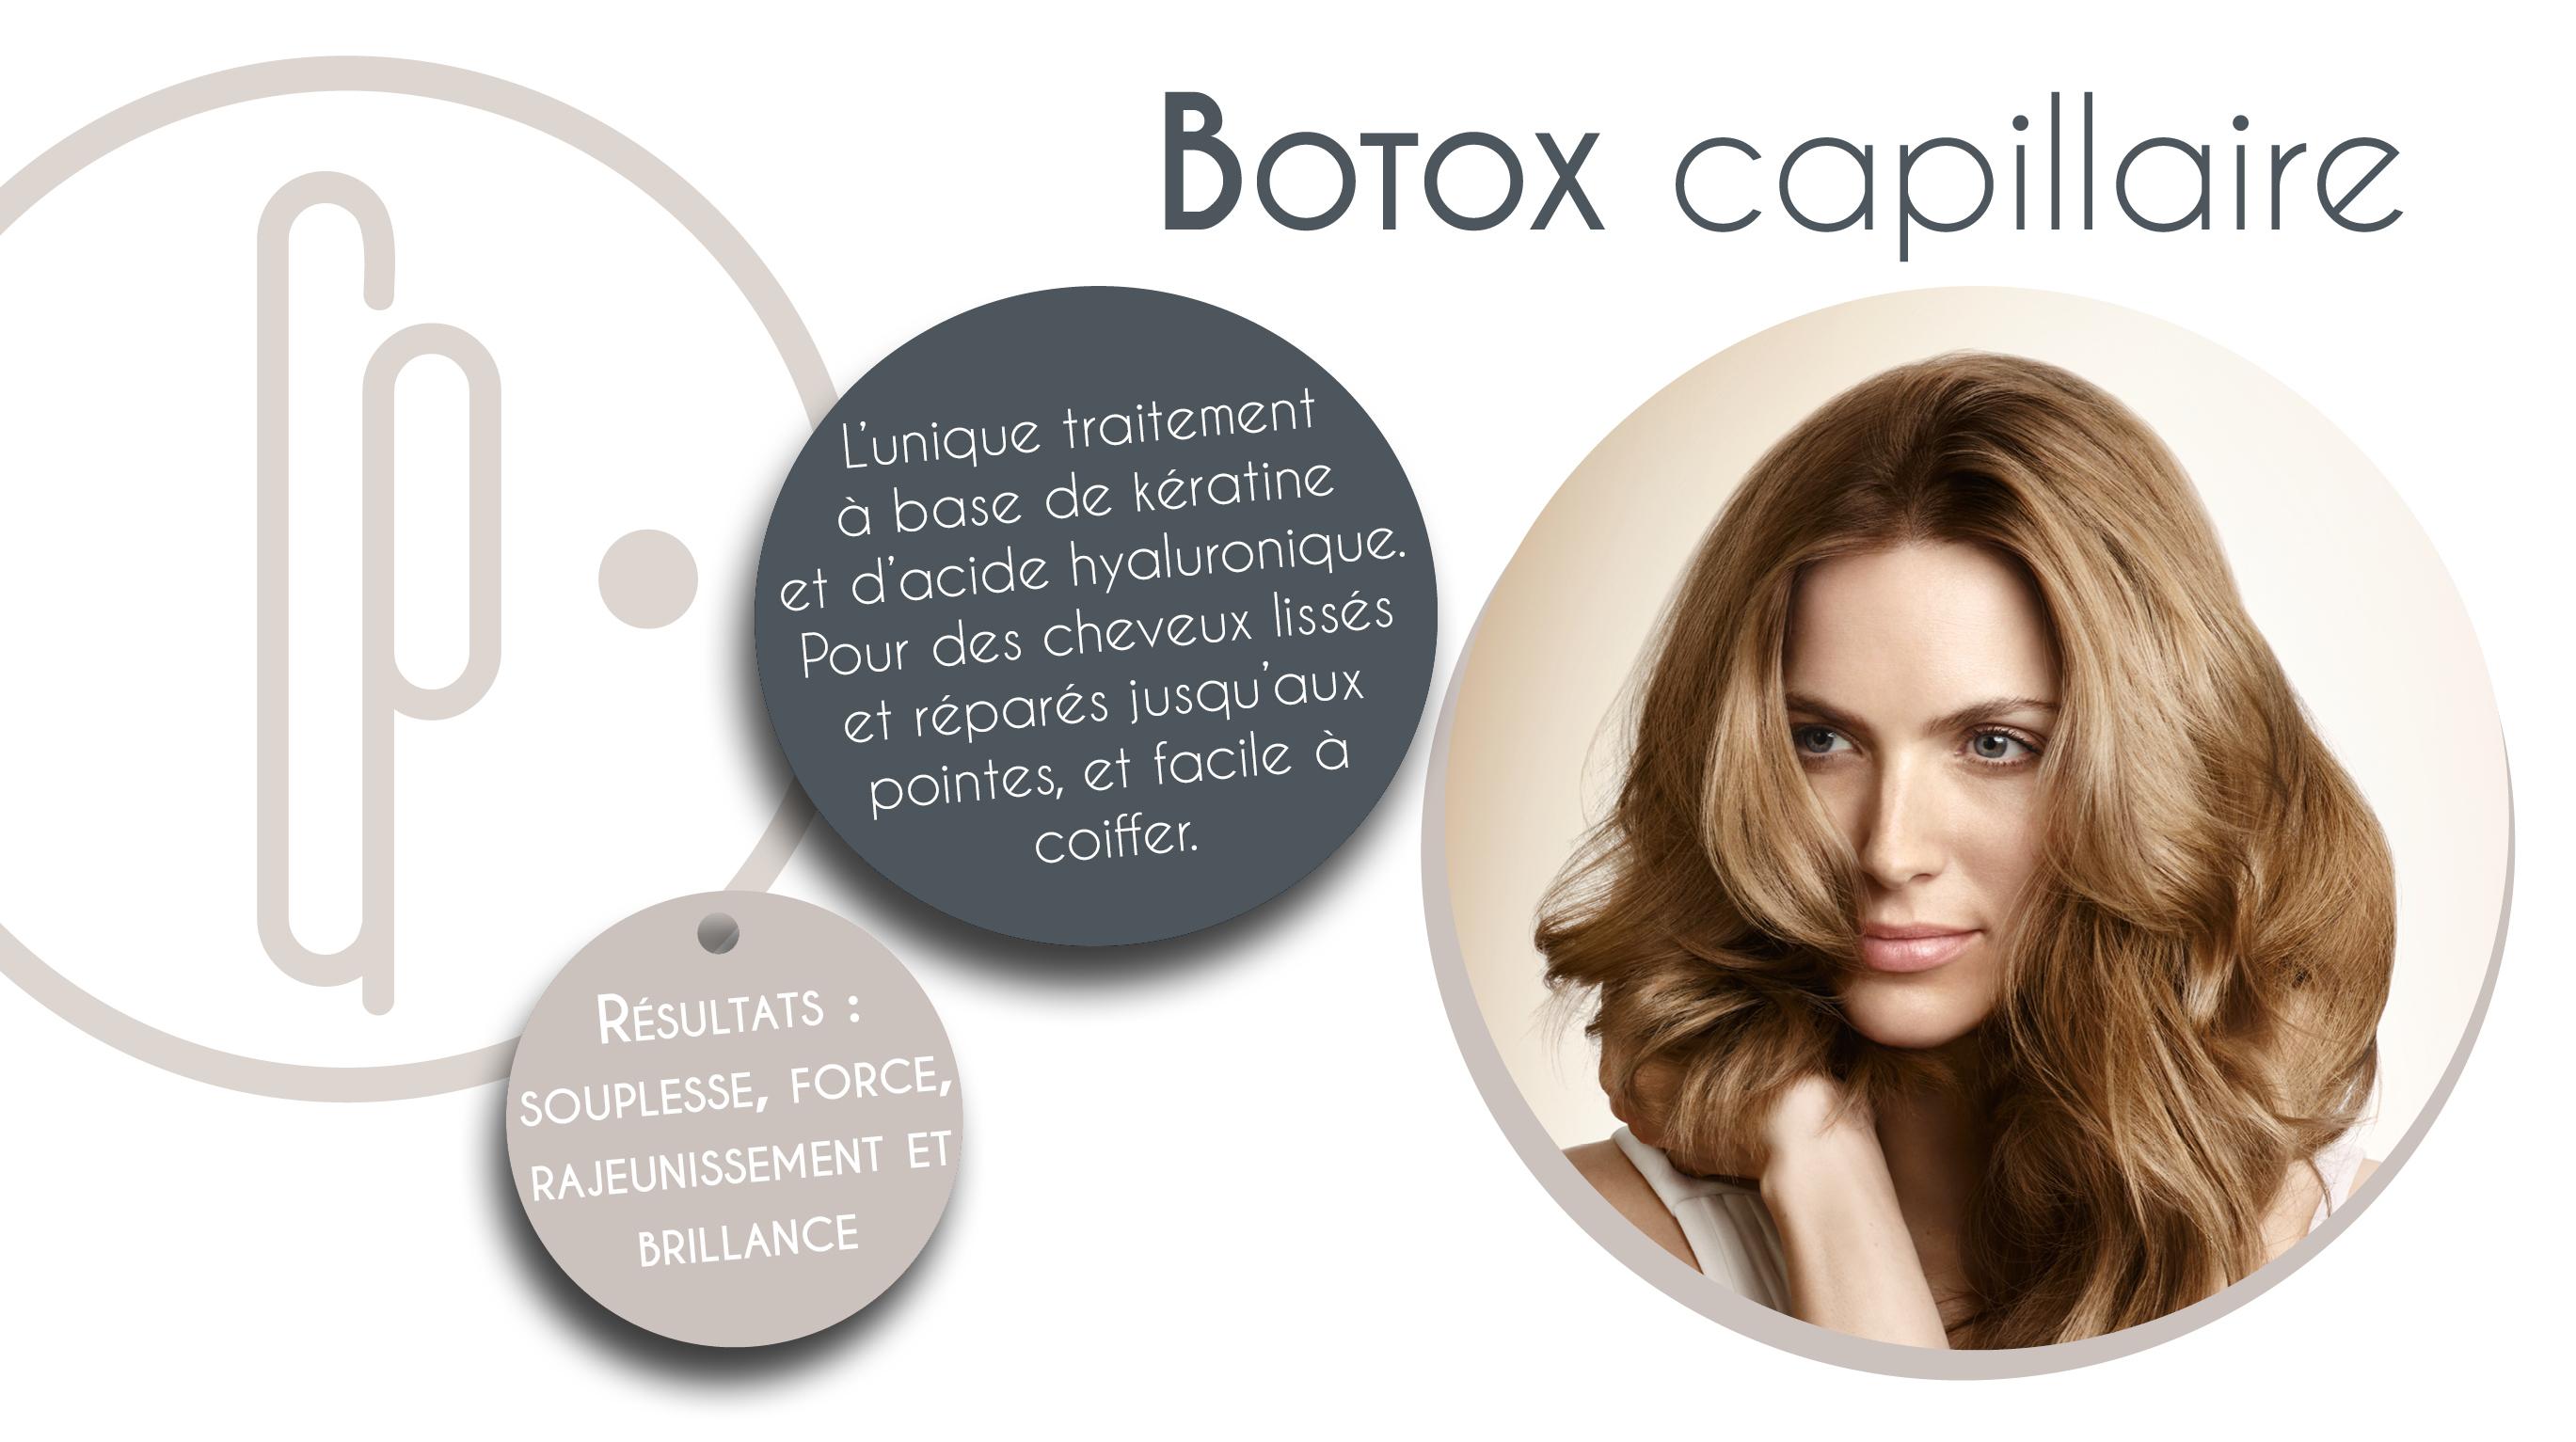 Les points forts du botox capillaire